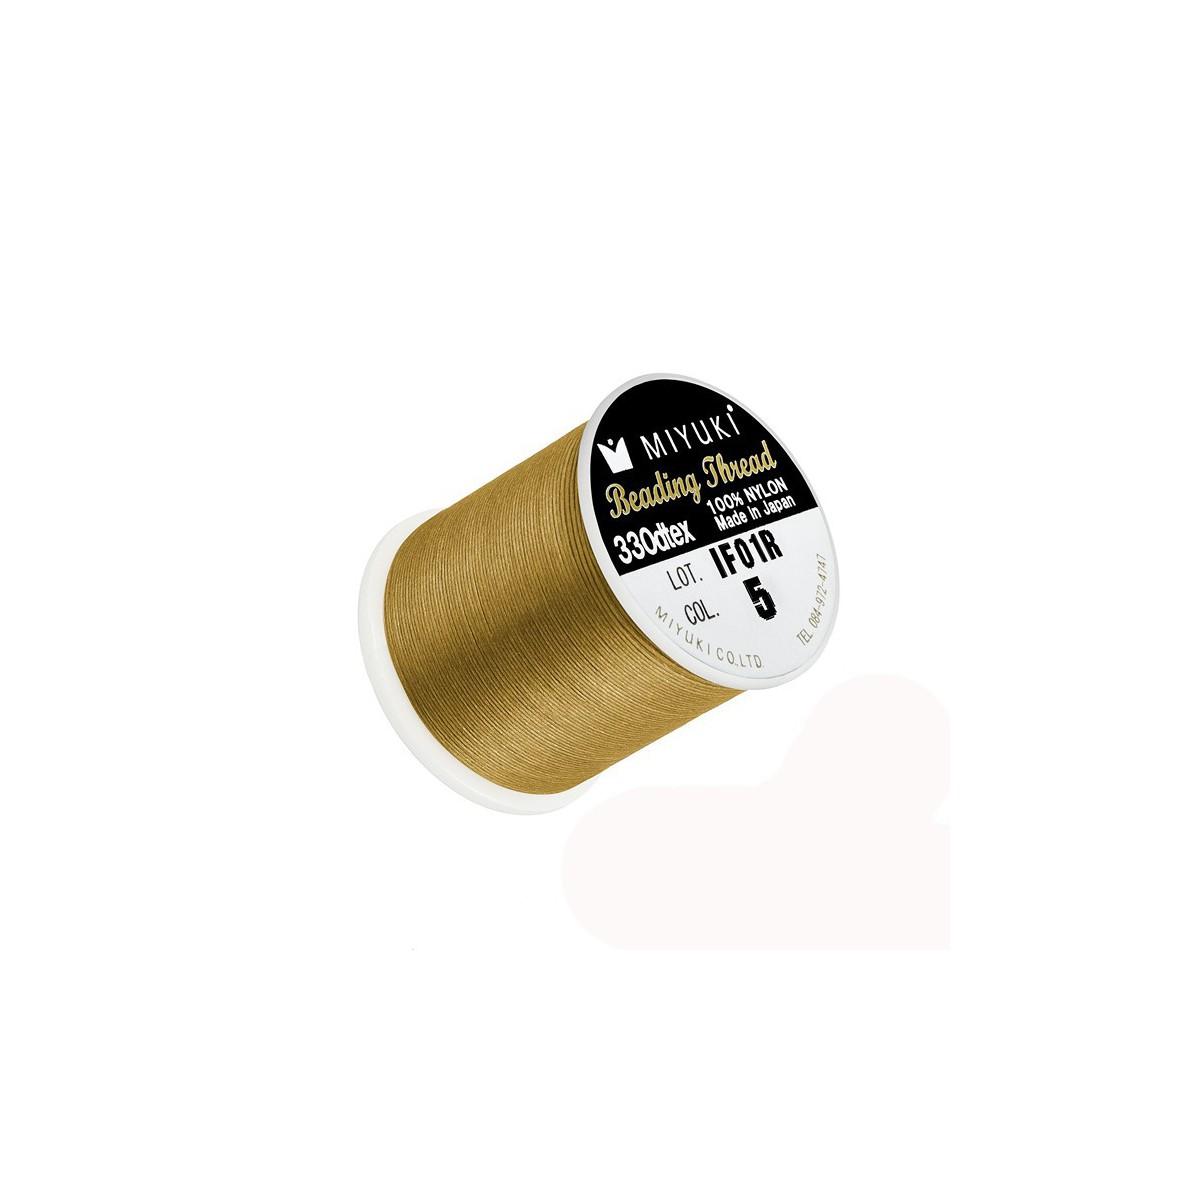 Filo Miyuki Colore Oro 5, 0.2mm,  50mt